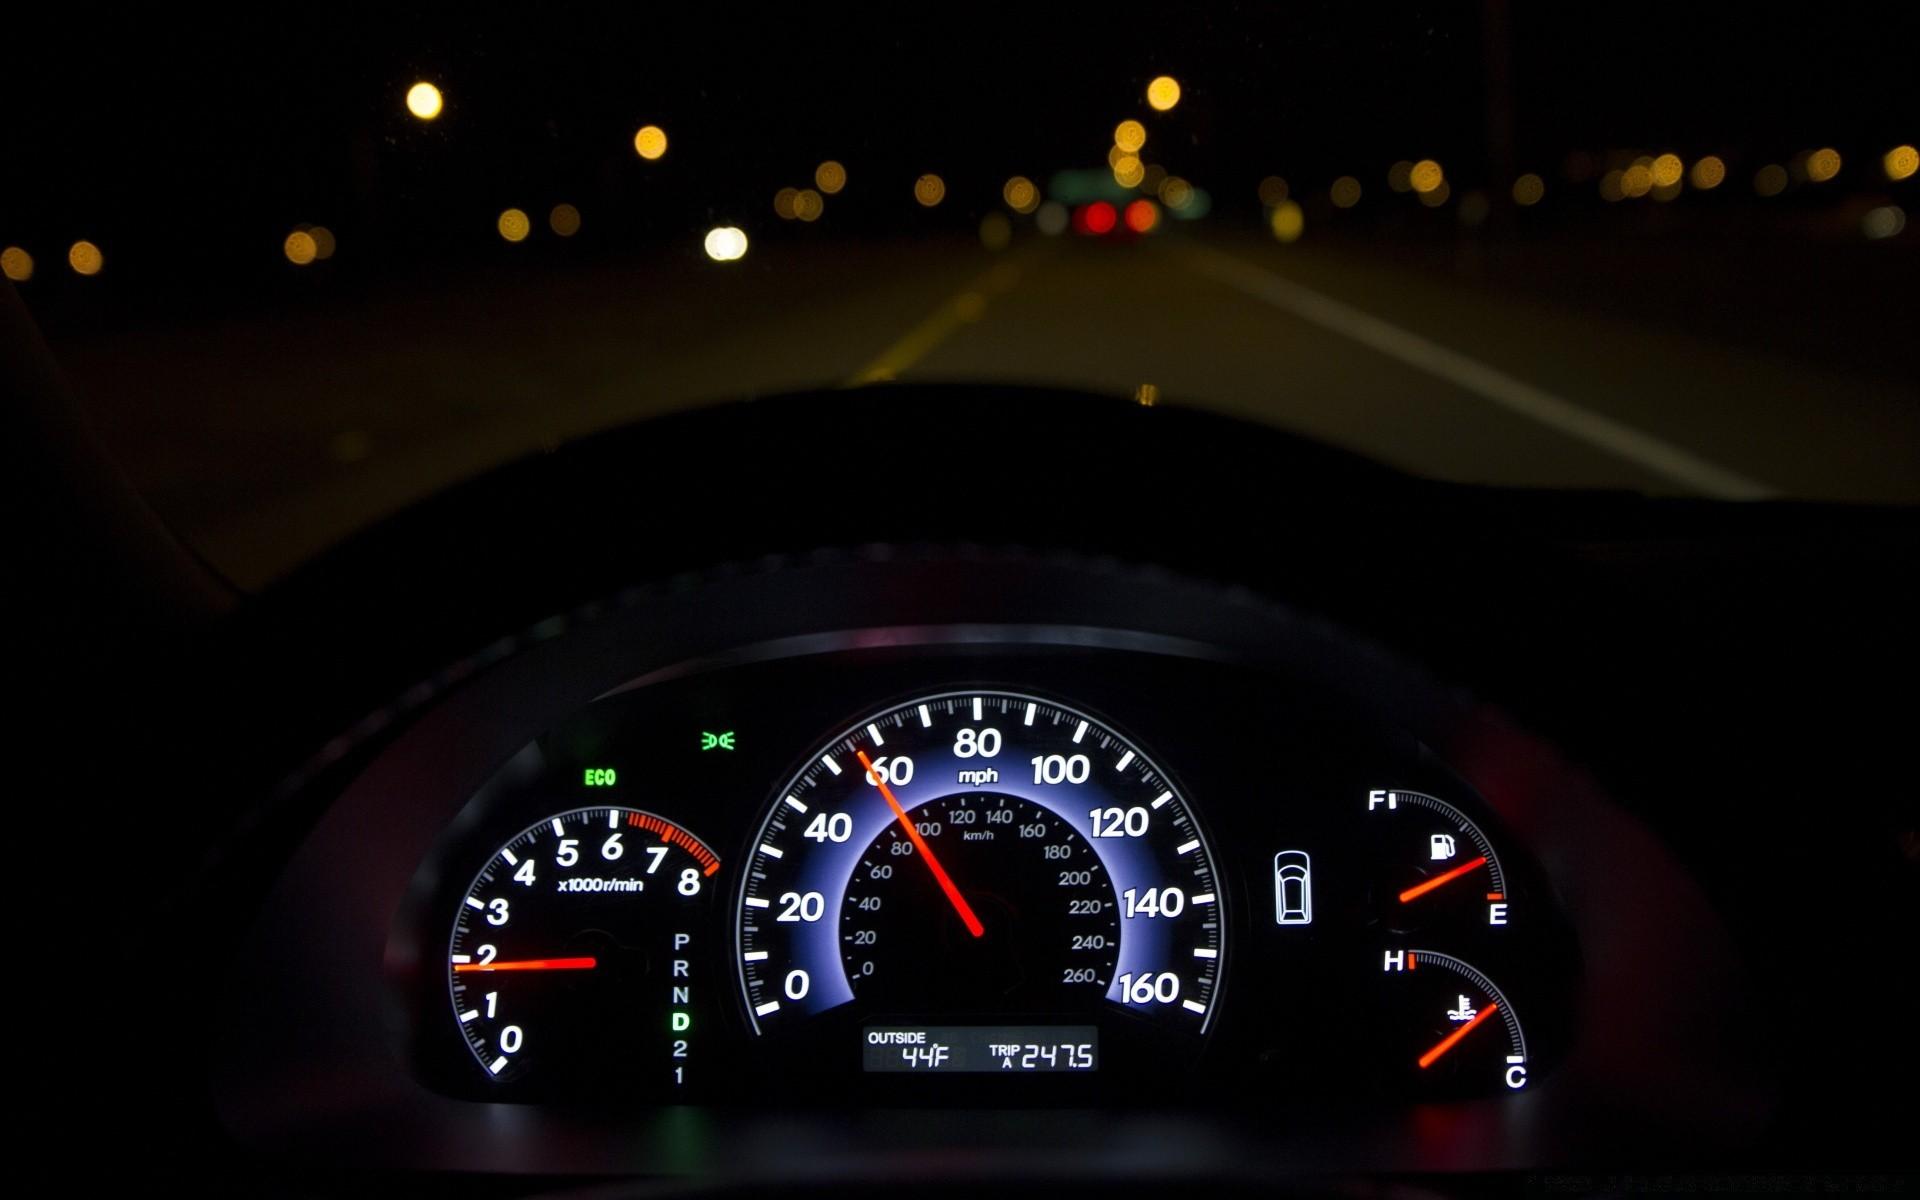 фото панели приборов машины ночью ростеста